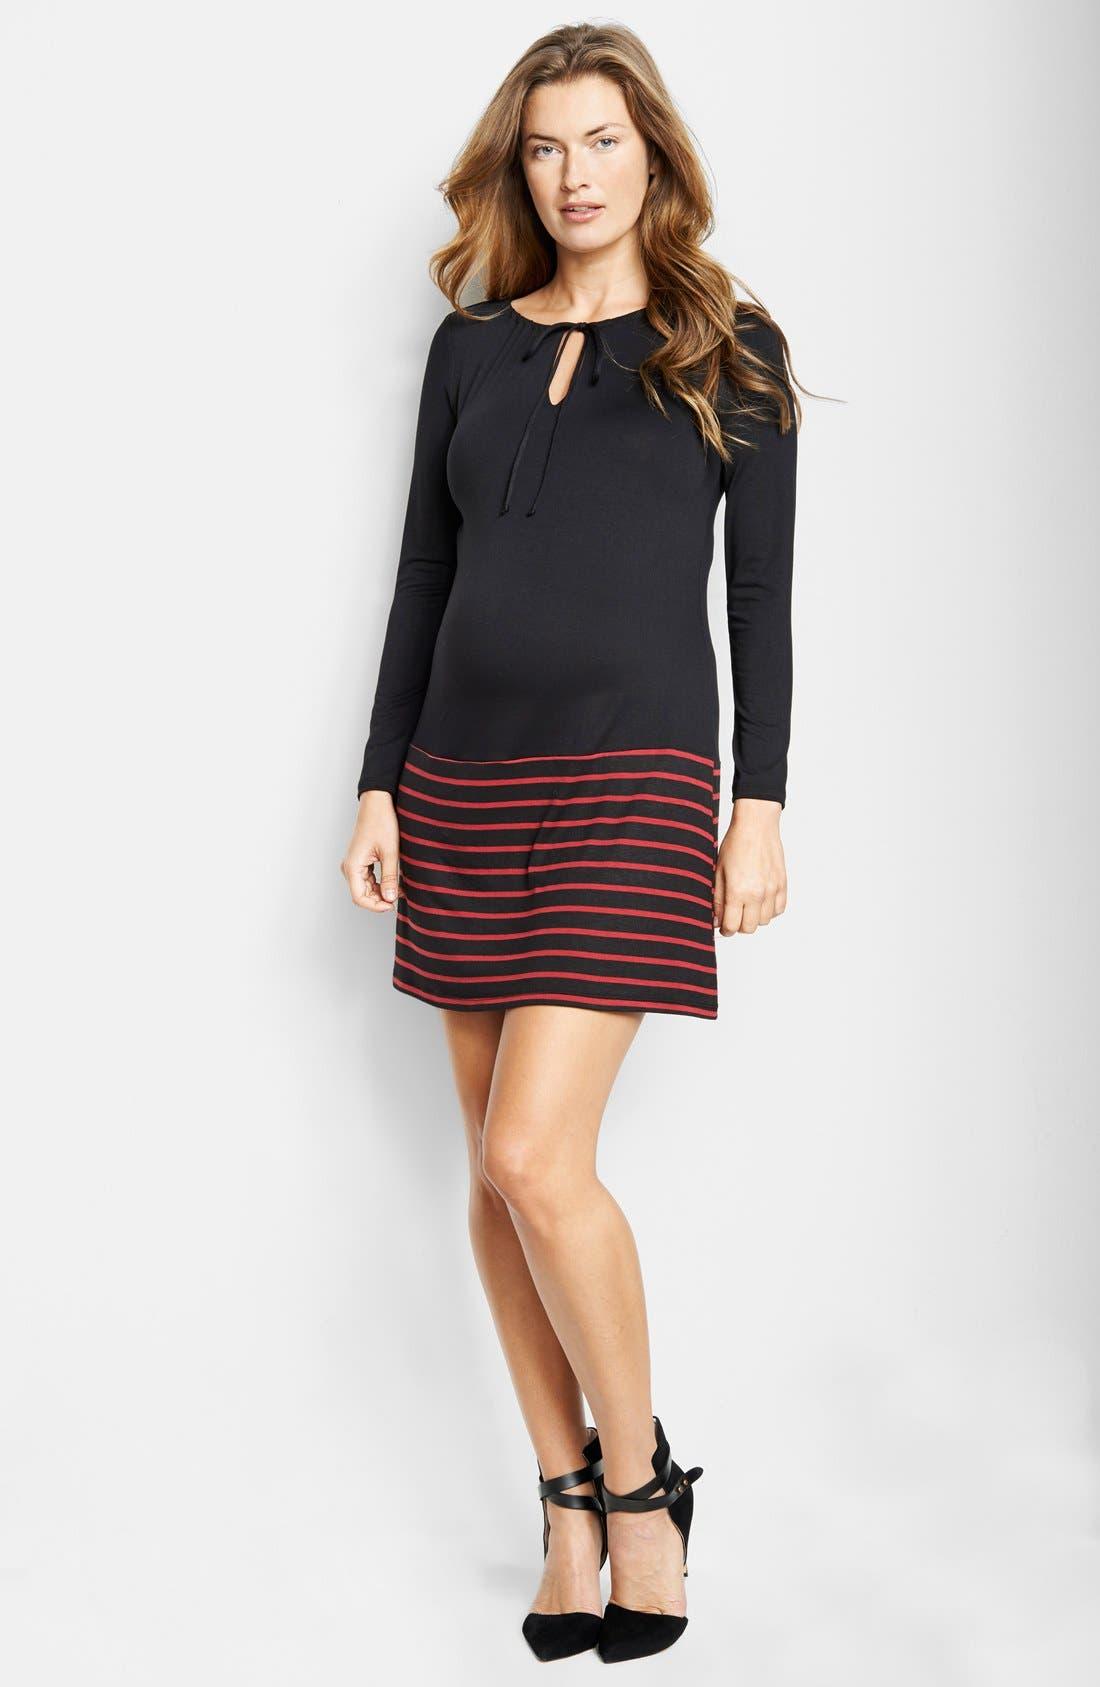 Keyhole Maternity Dress,                             Main thumbnail 1, color,                             Black/ Wine Stripes